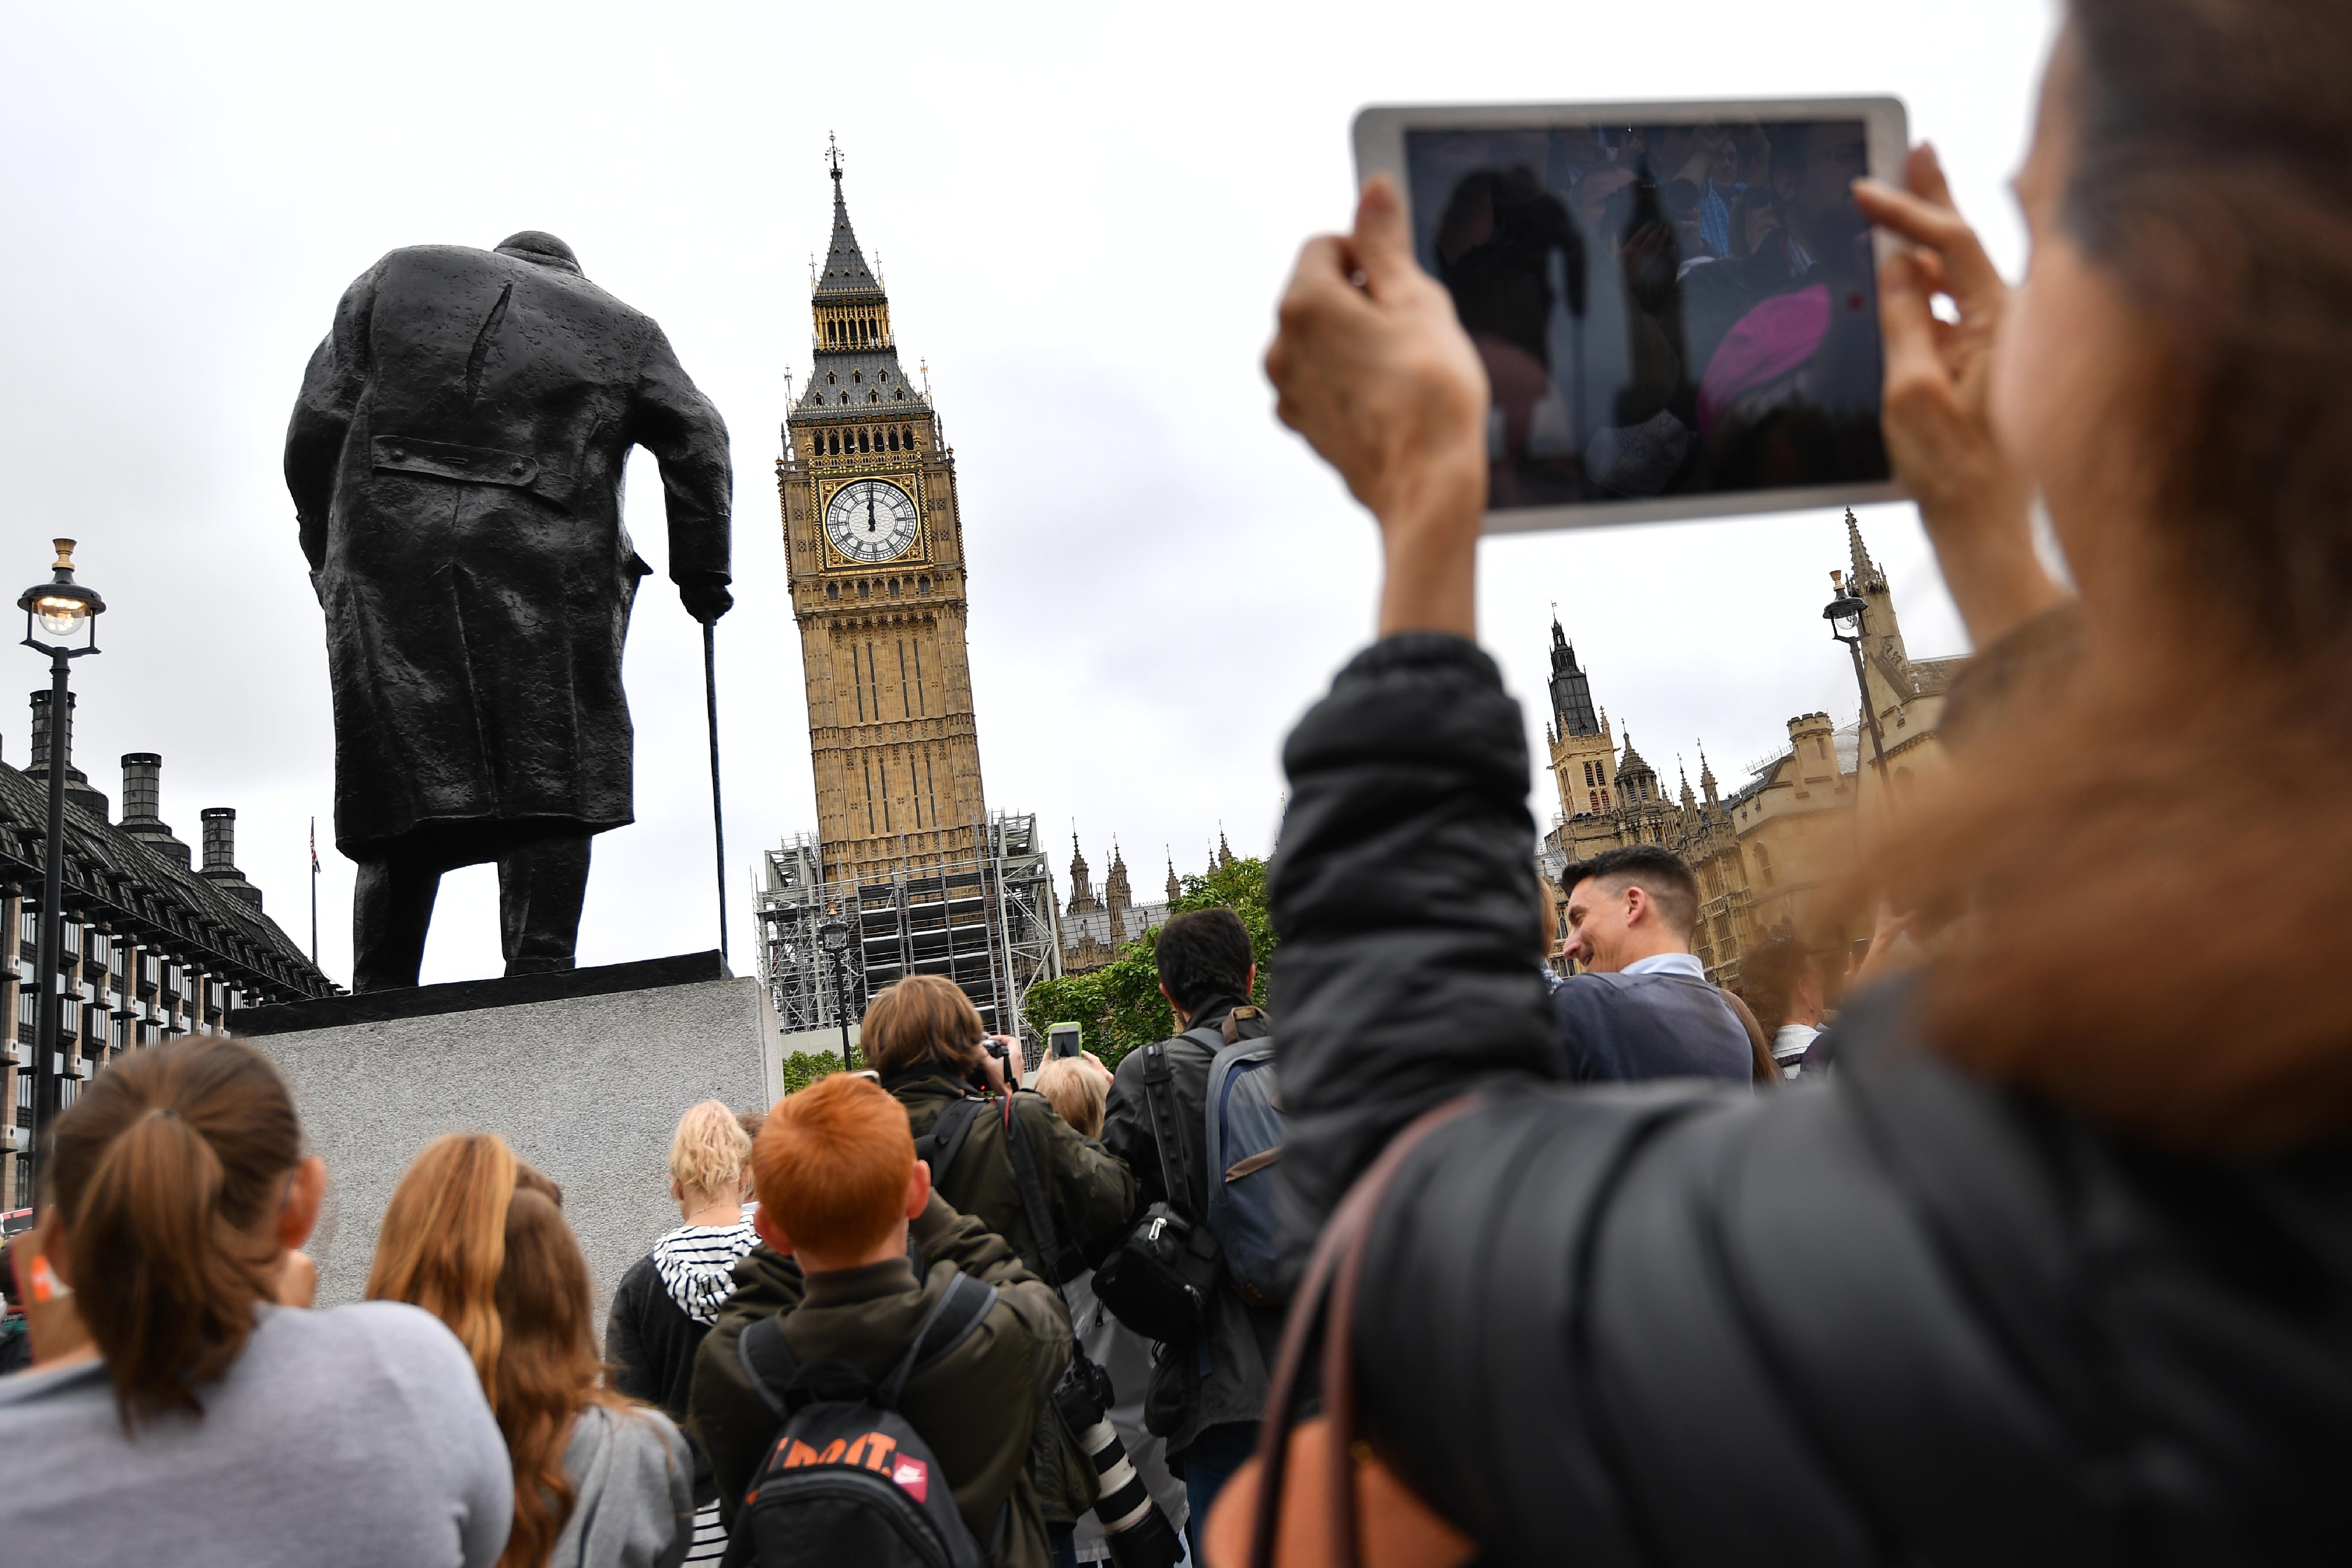 Big Ben. @AFP